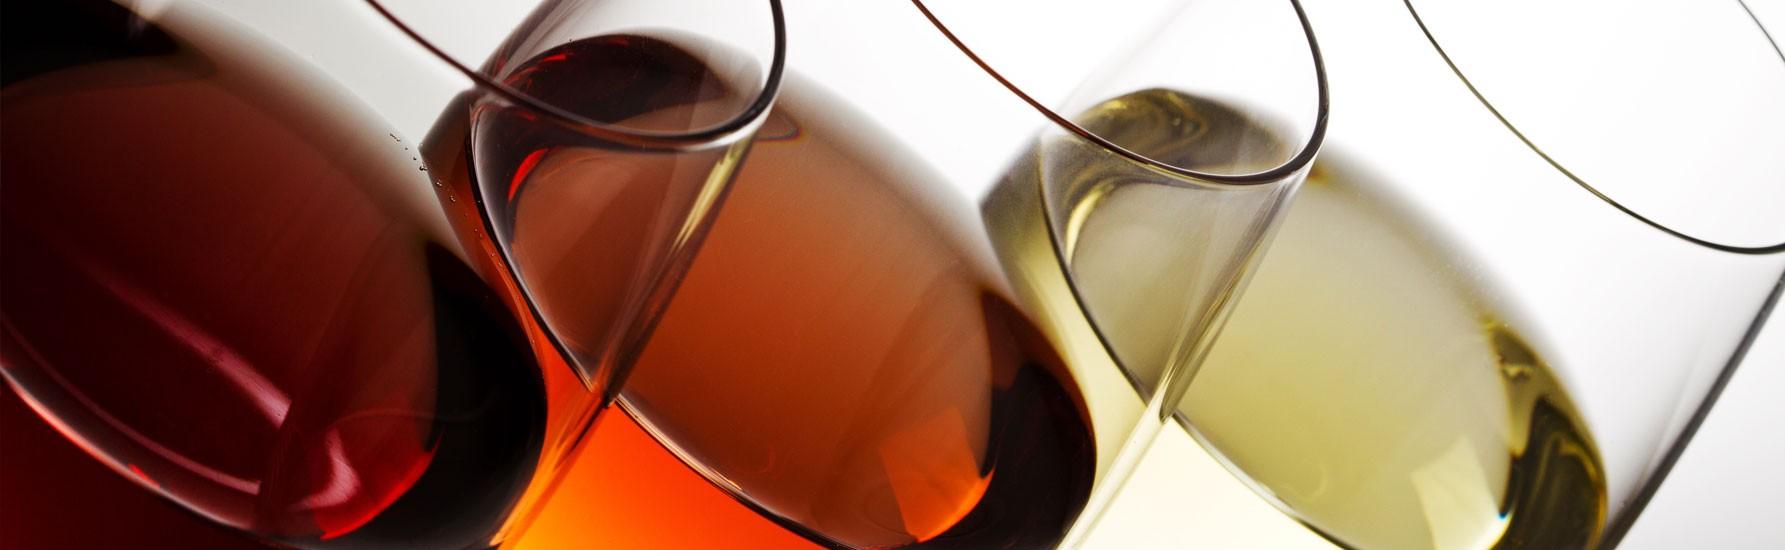 Vin blanc, vin rouge, vin rosé, méthode traditionnelle